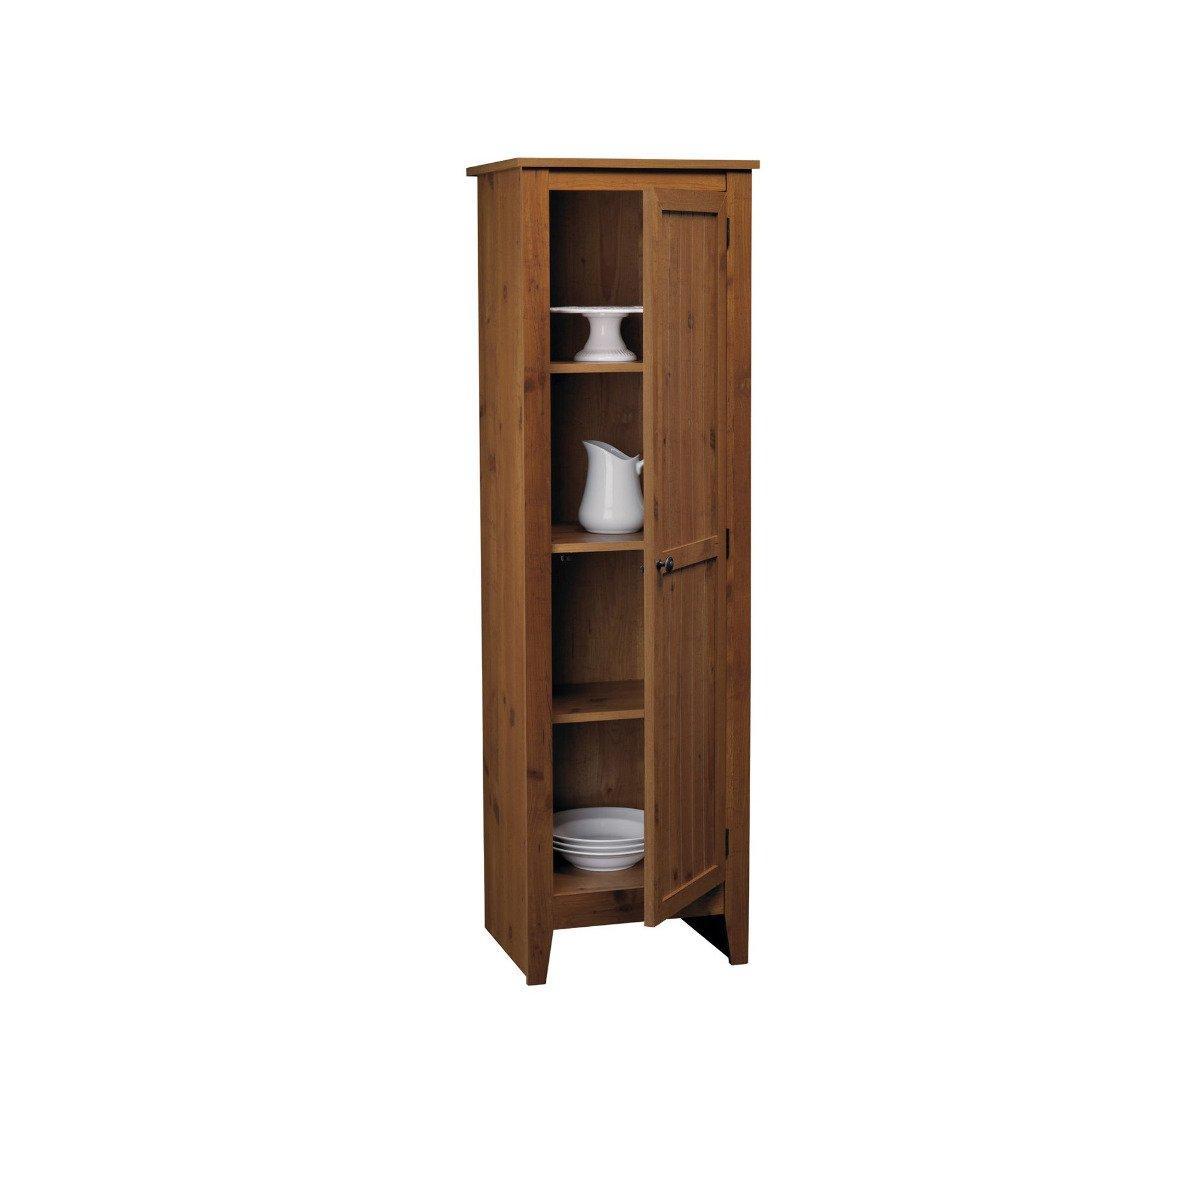 Buy Adeptus Solid Wood Single Door Pantry Cabinet Pecan Finish In